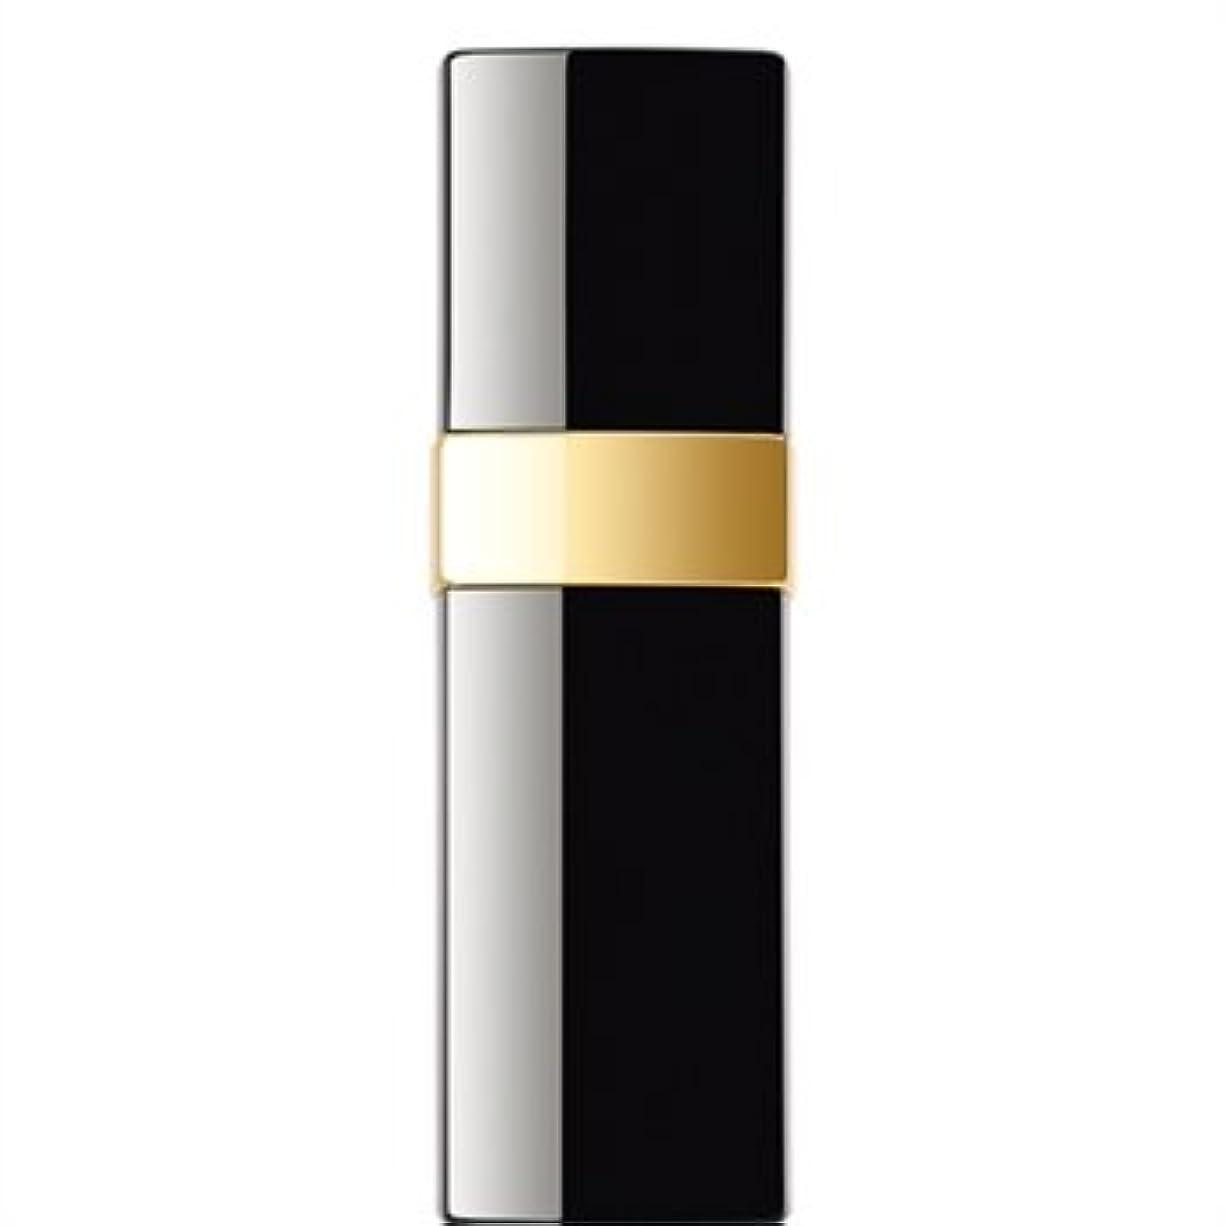 ガレージ後者口述CHANEL(シャネル) No.5 香水 7.5ml バーススプレイ